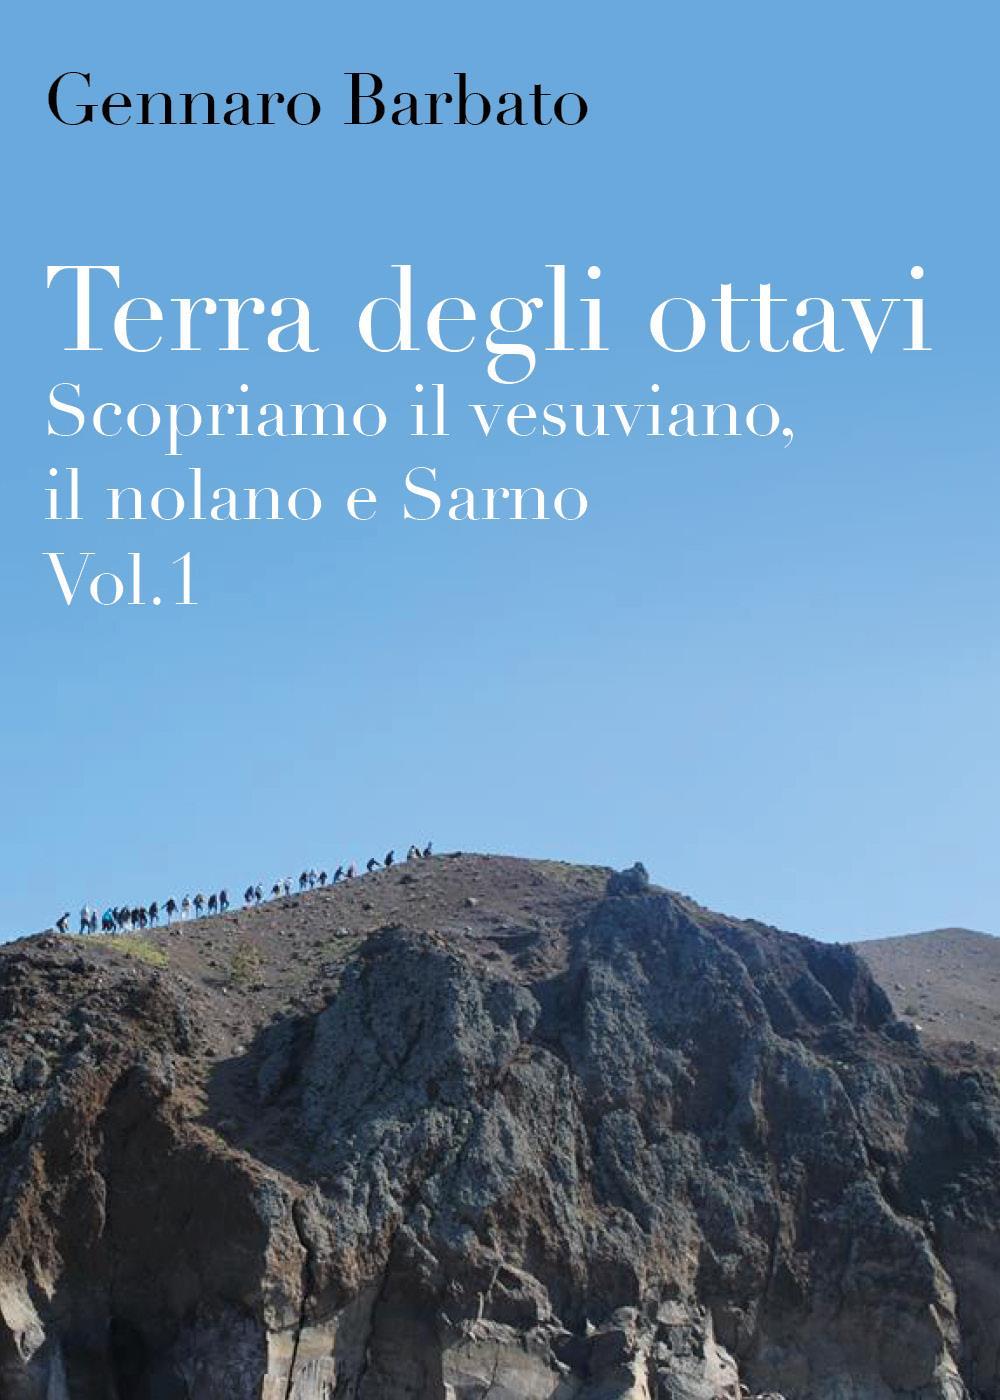 Terra degli ottavi. Scopriamo il vesuviano, il nolano e Sarno. Vol.1